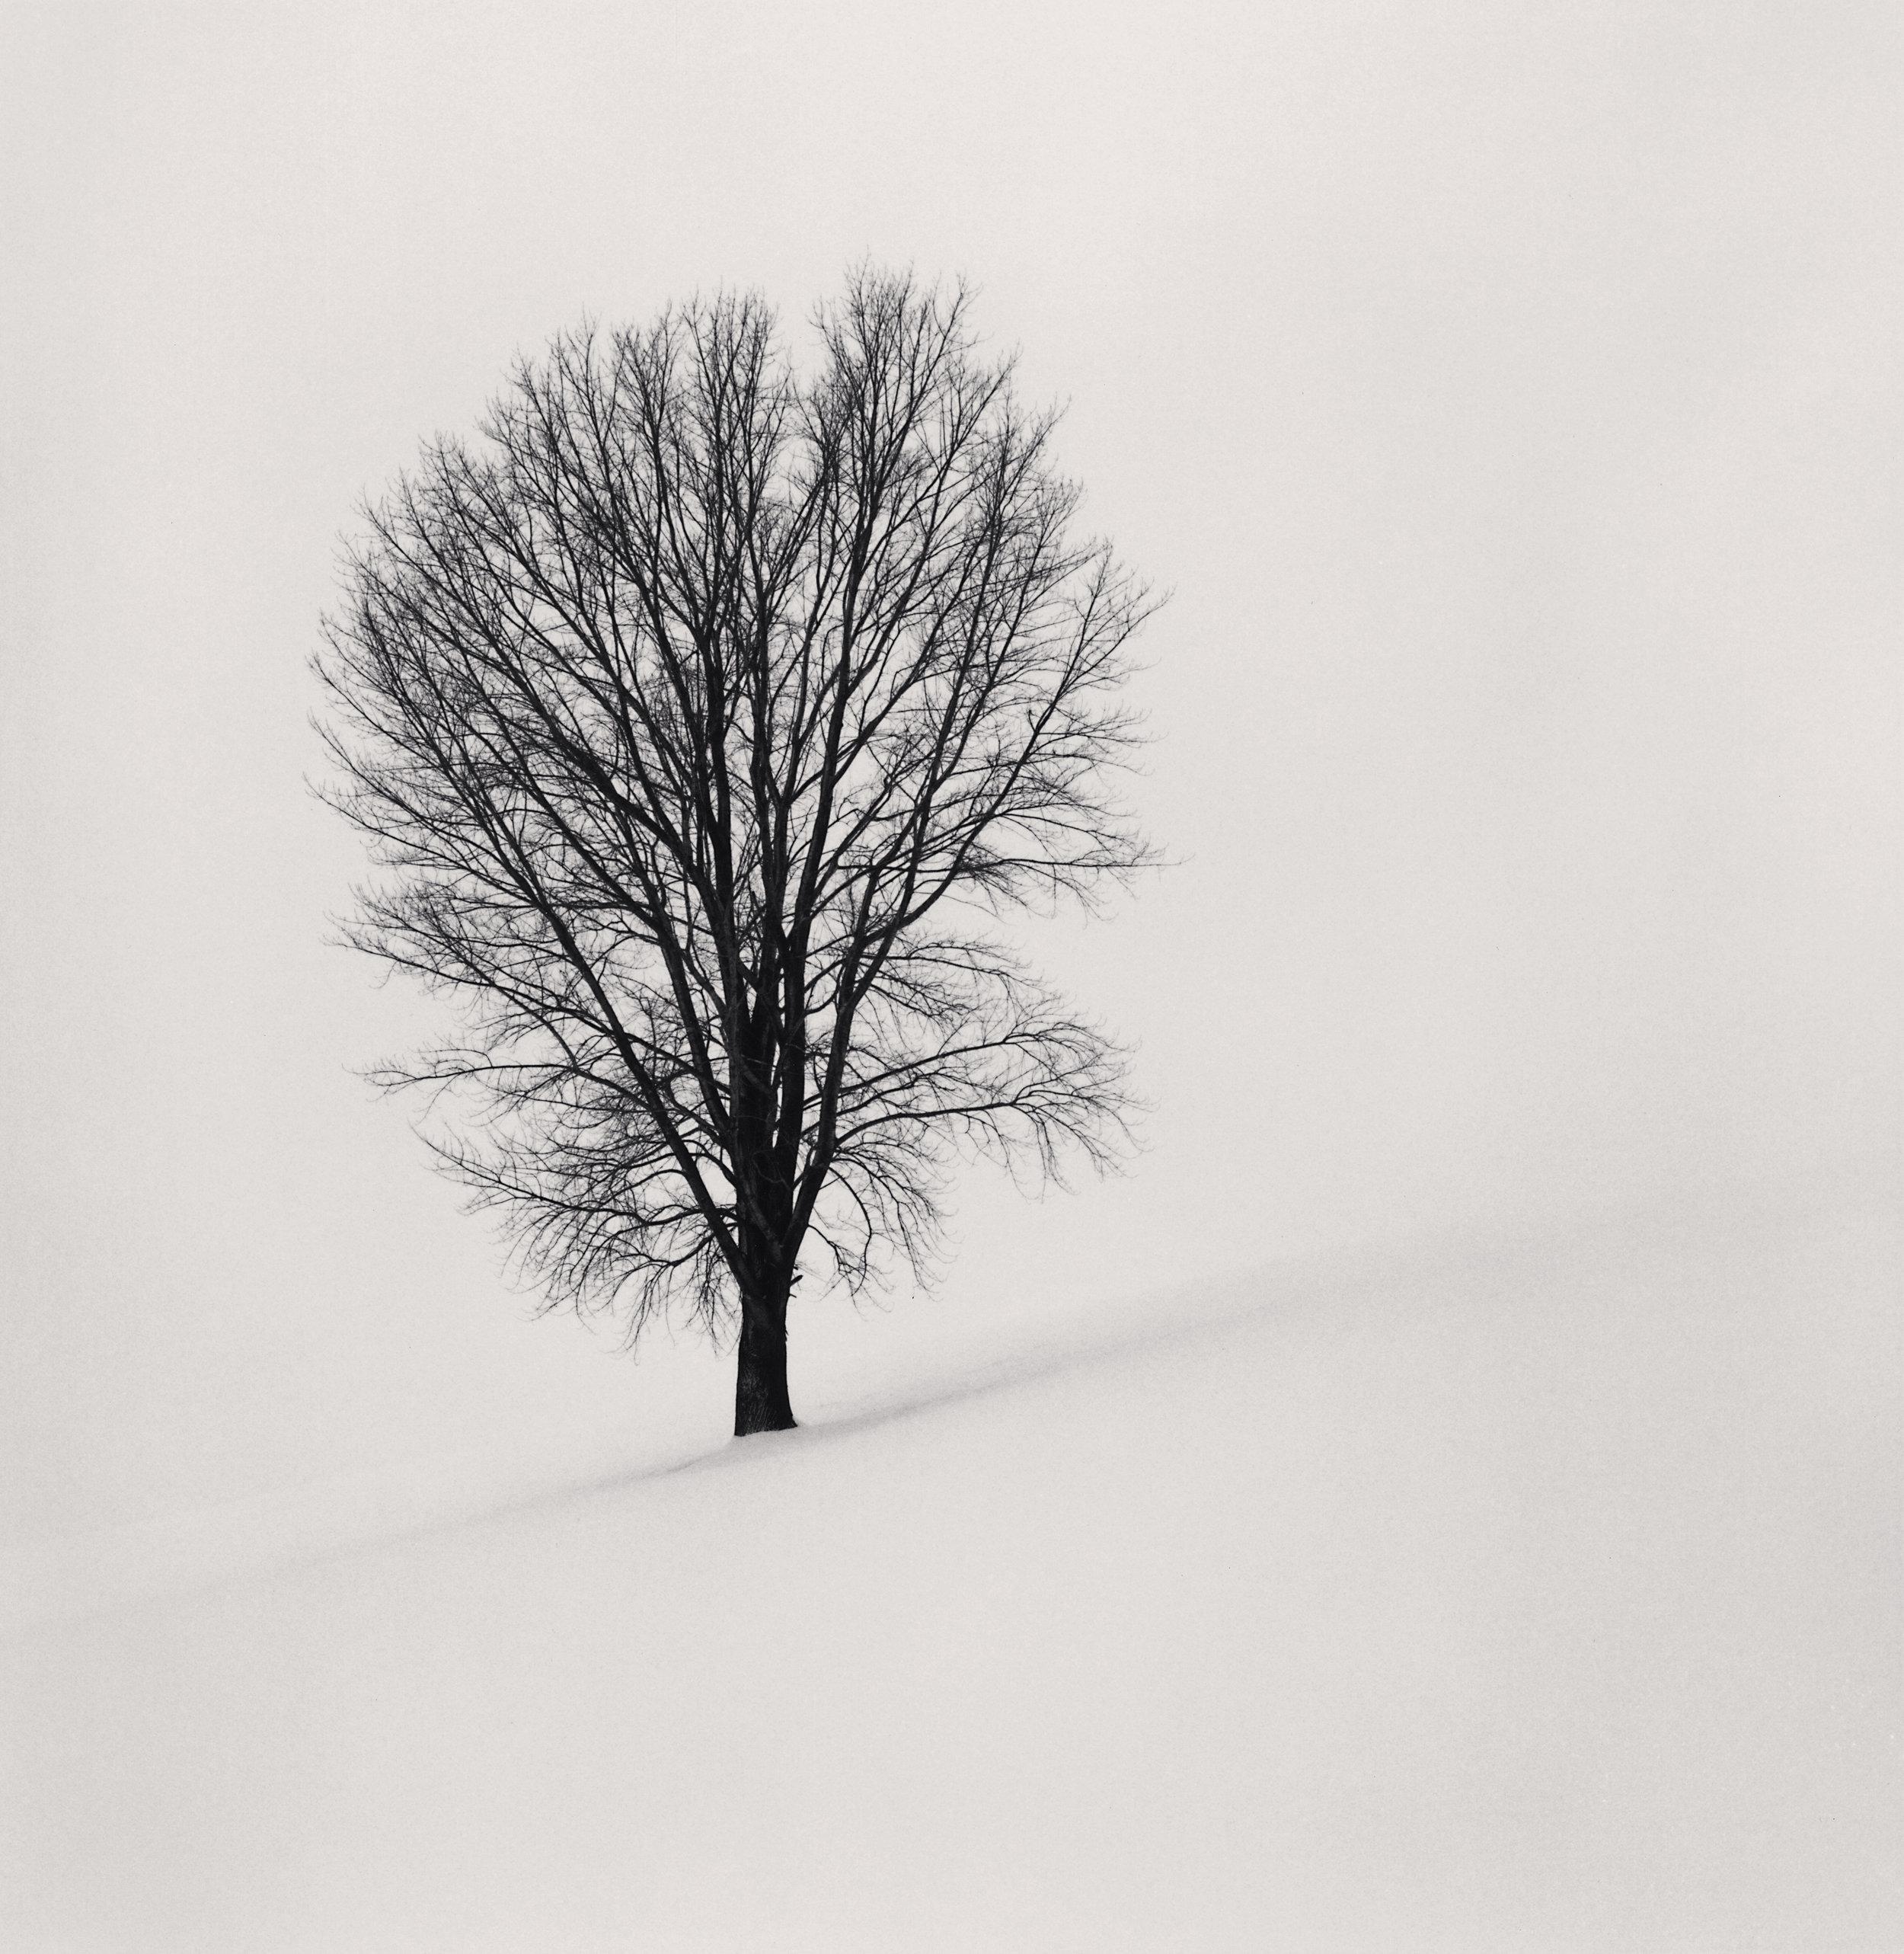 """©Michael Kenna""""Philosopher's Tree, Study 1, Biei, Hokkaido, Japan. 2004"""""""